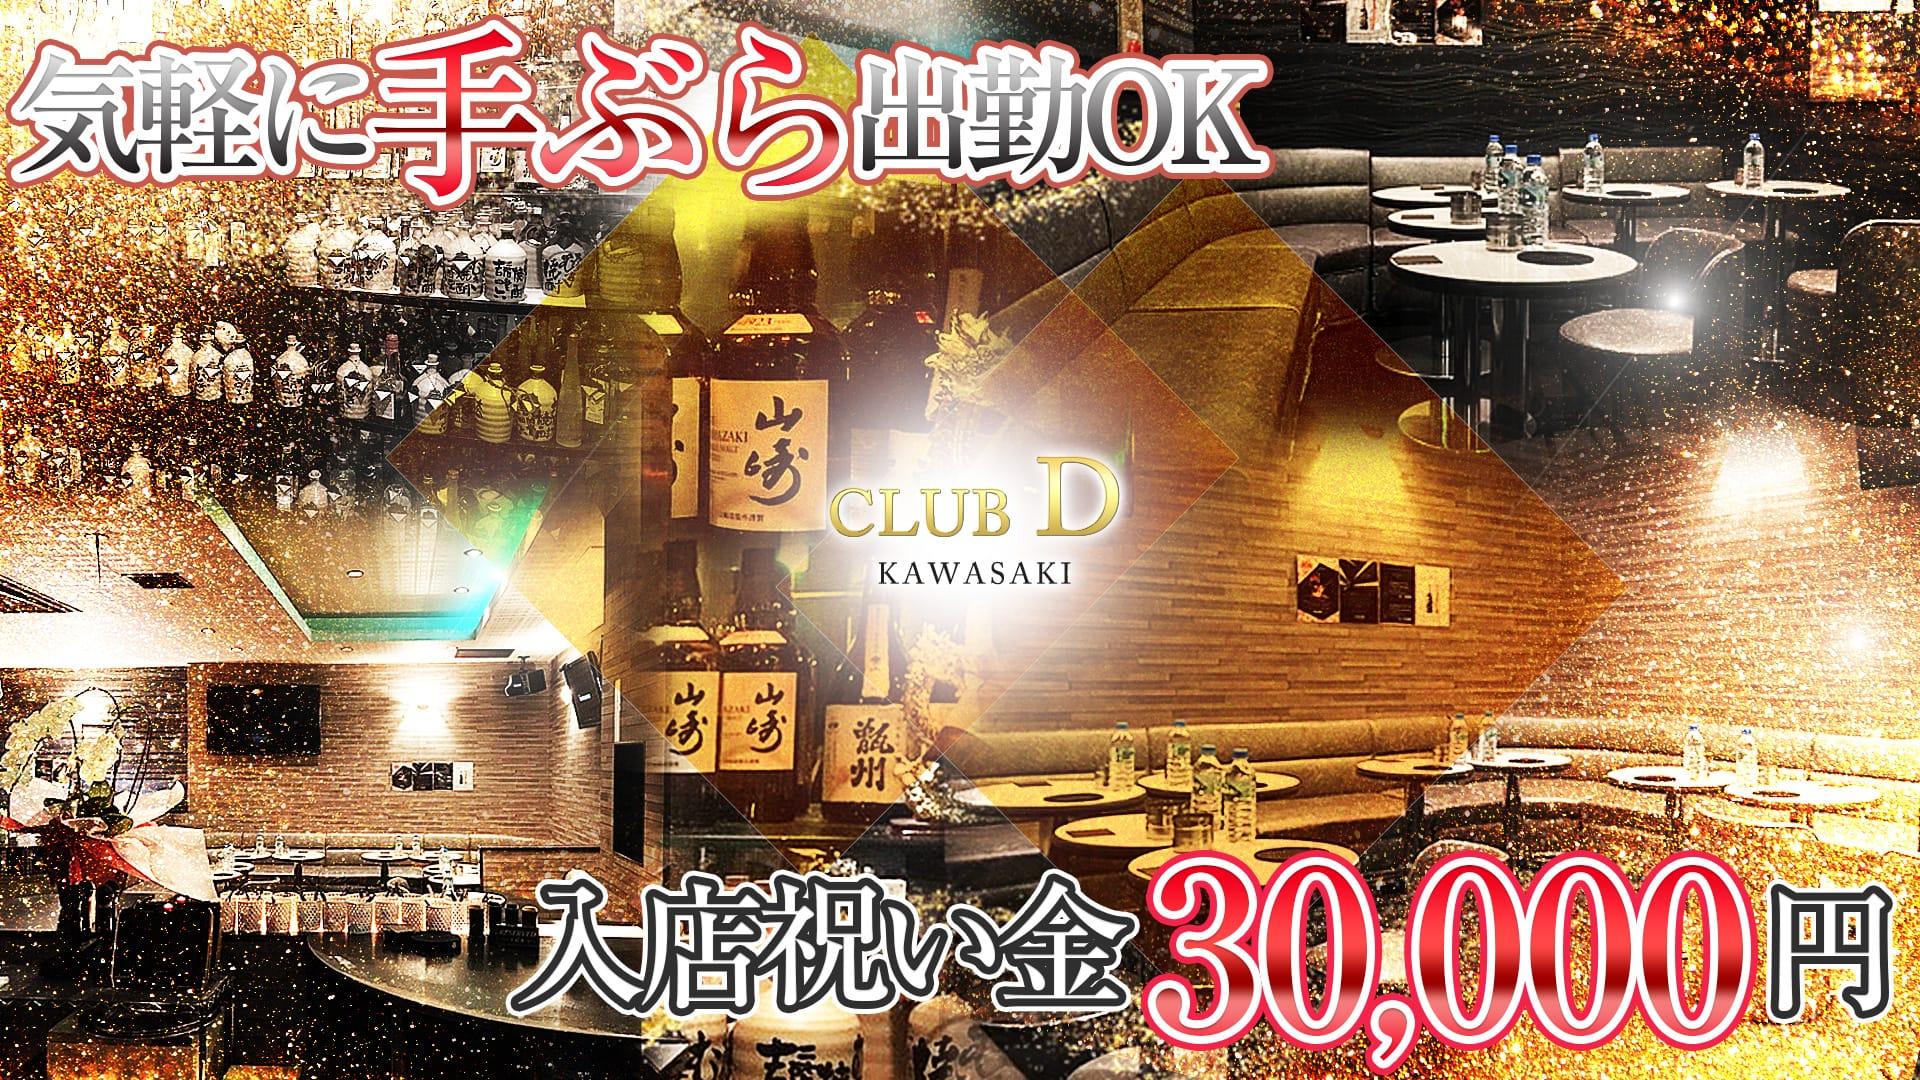 CLUB D(クラブ ディー) 川崎キャバクラ TOP画像